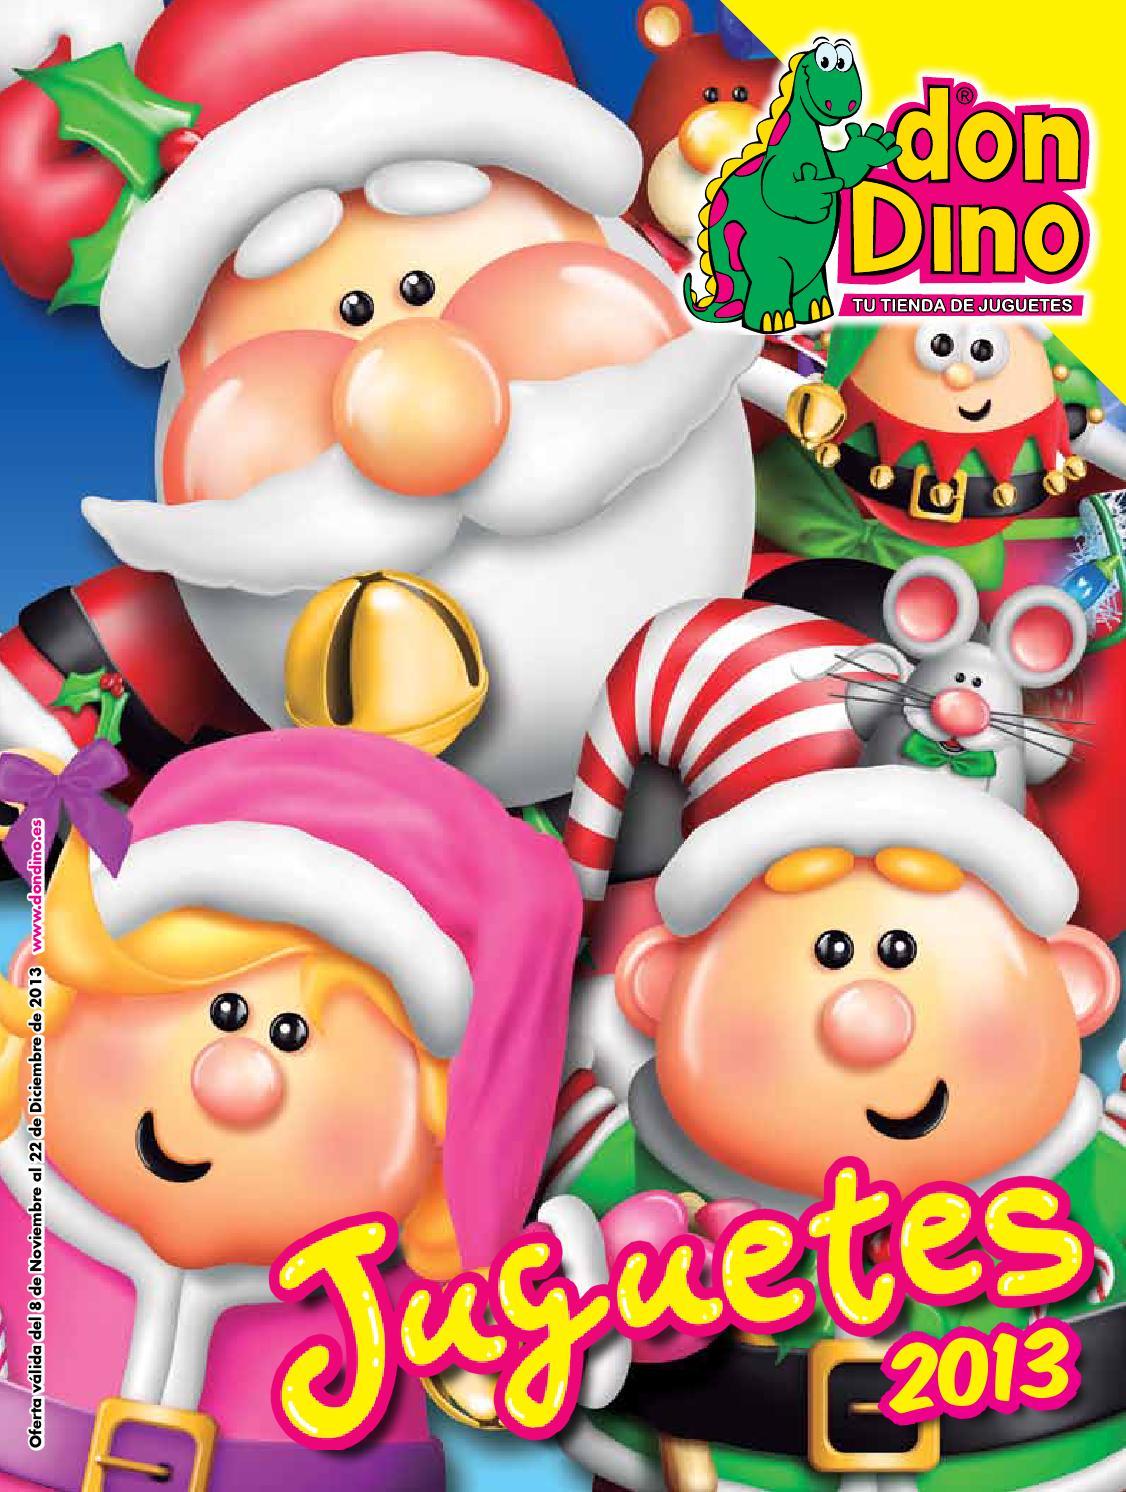 Catalogo Navidad 2013 Juguetes Don Dino by Inesferis Sistemas de ...